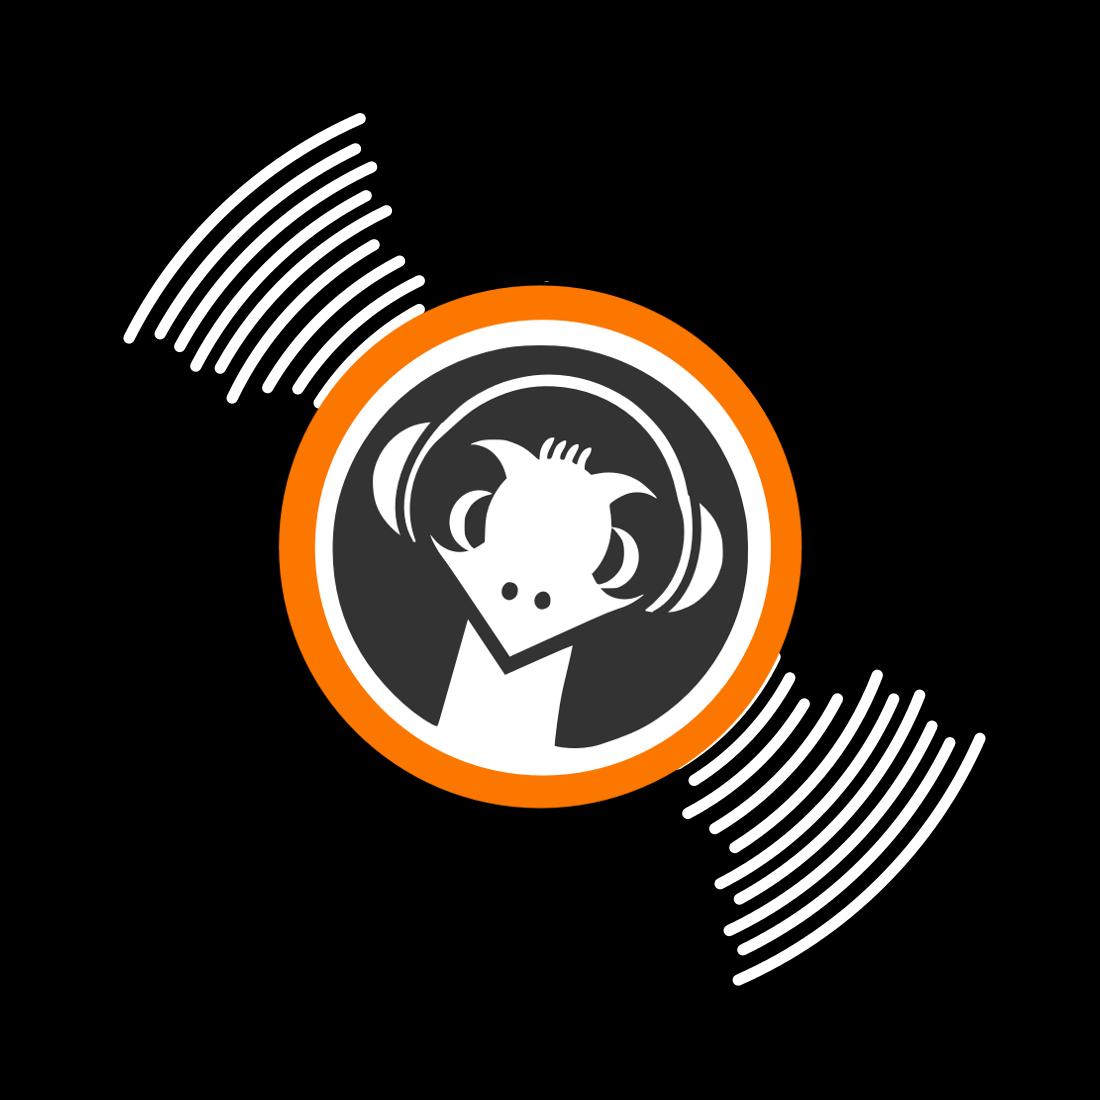 [Decal Crew] La révolution d'notre son